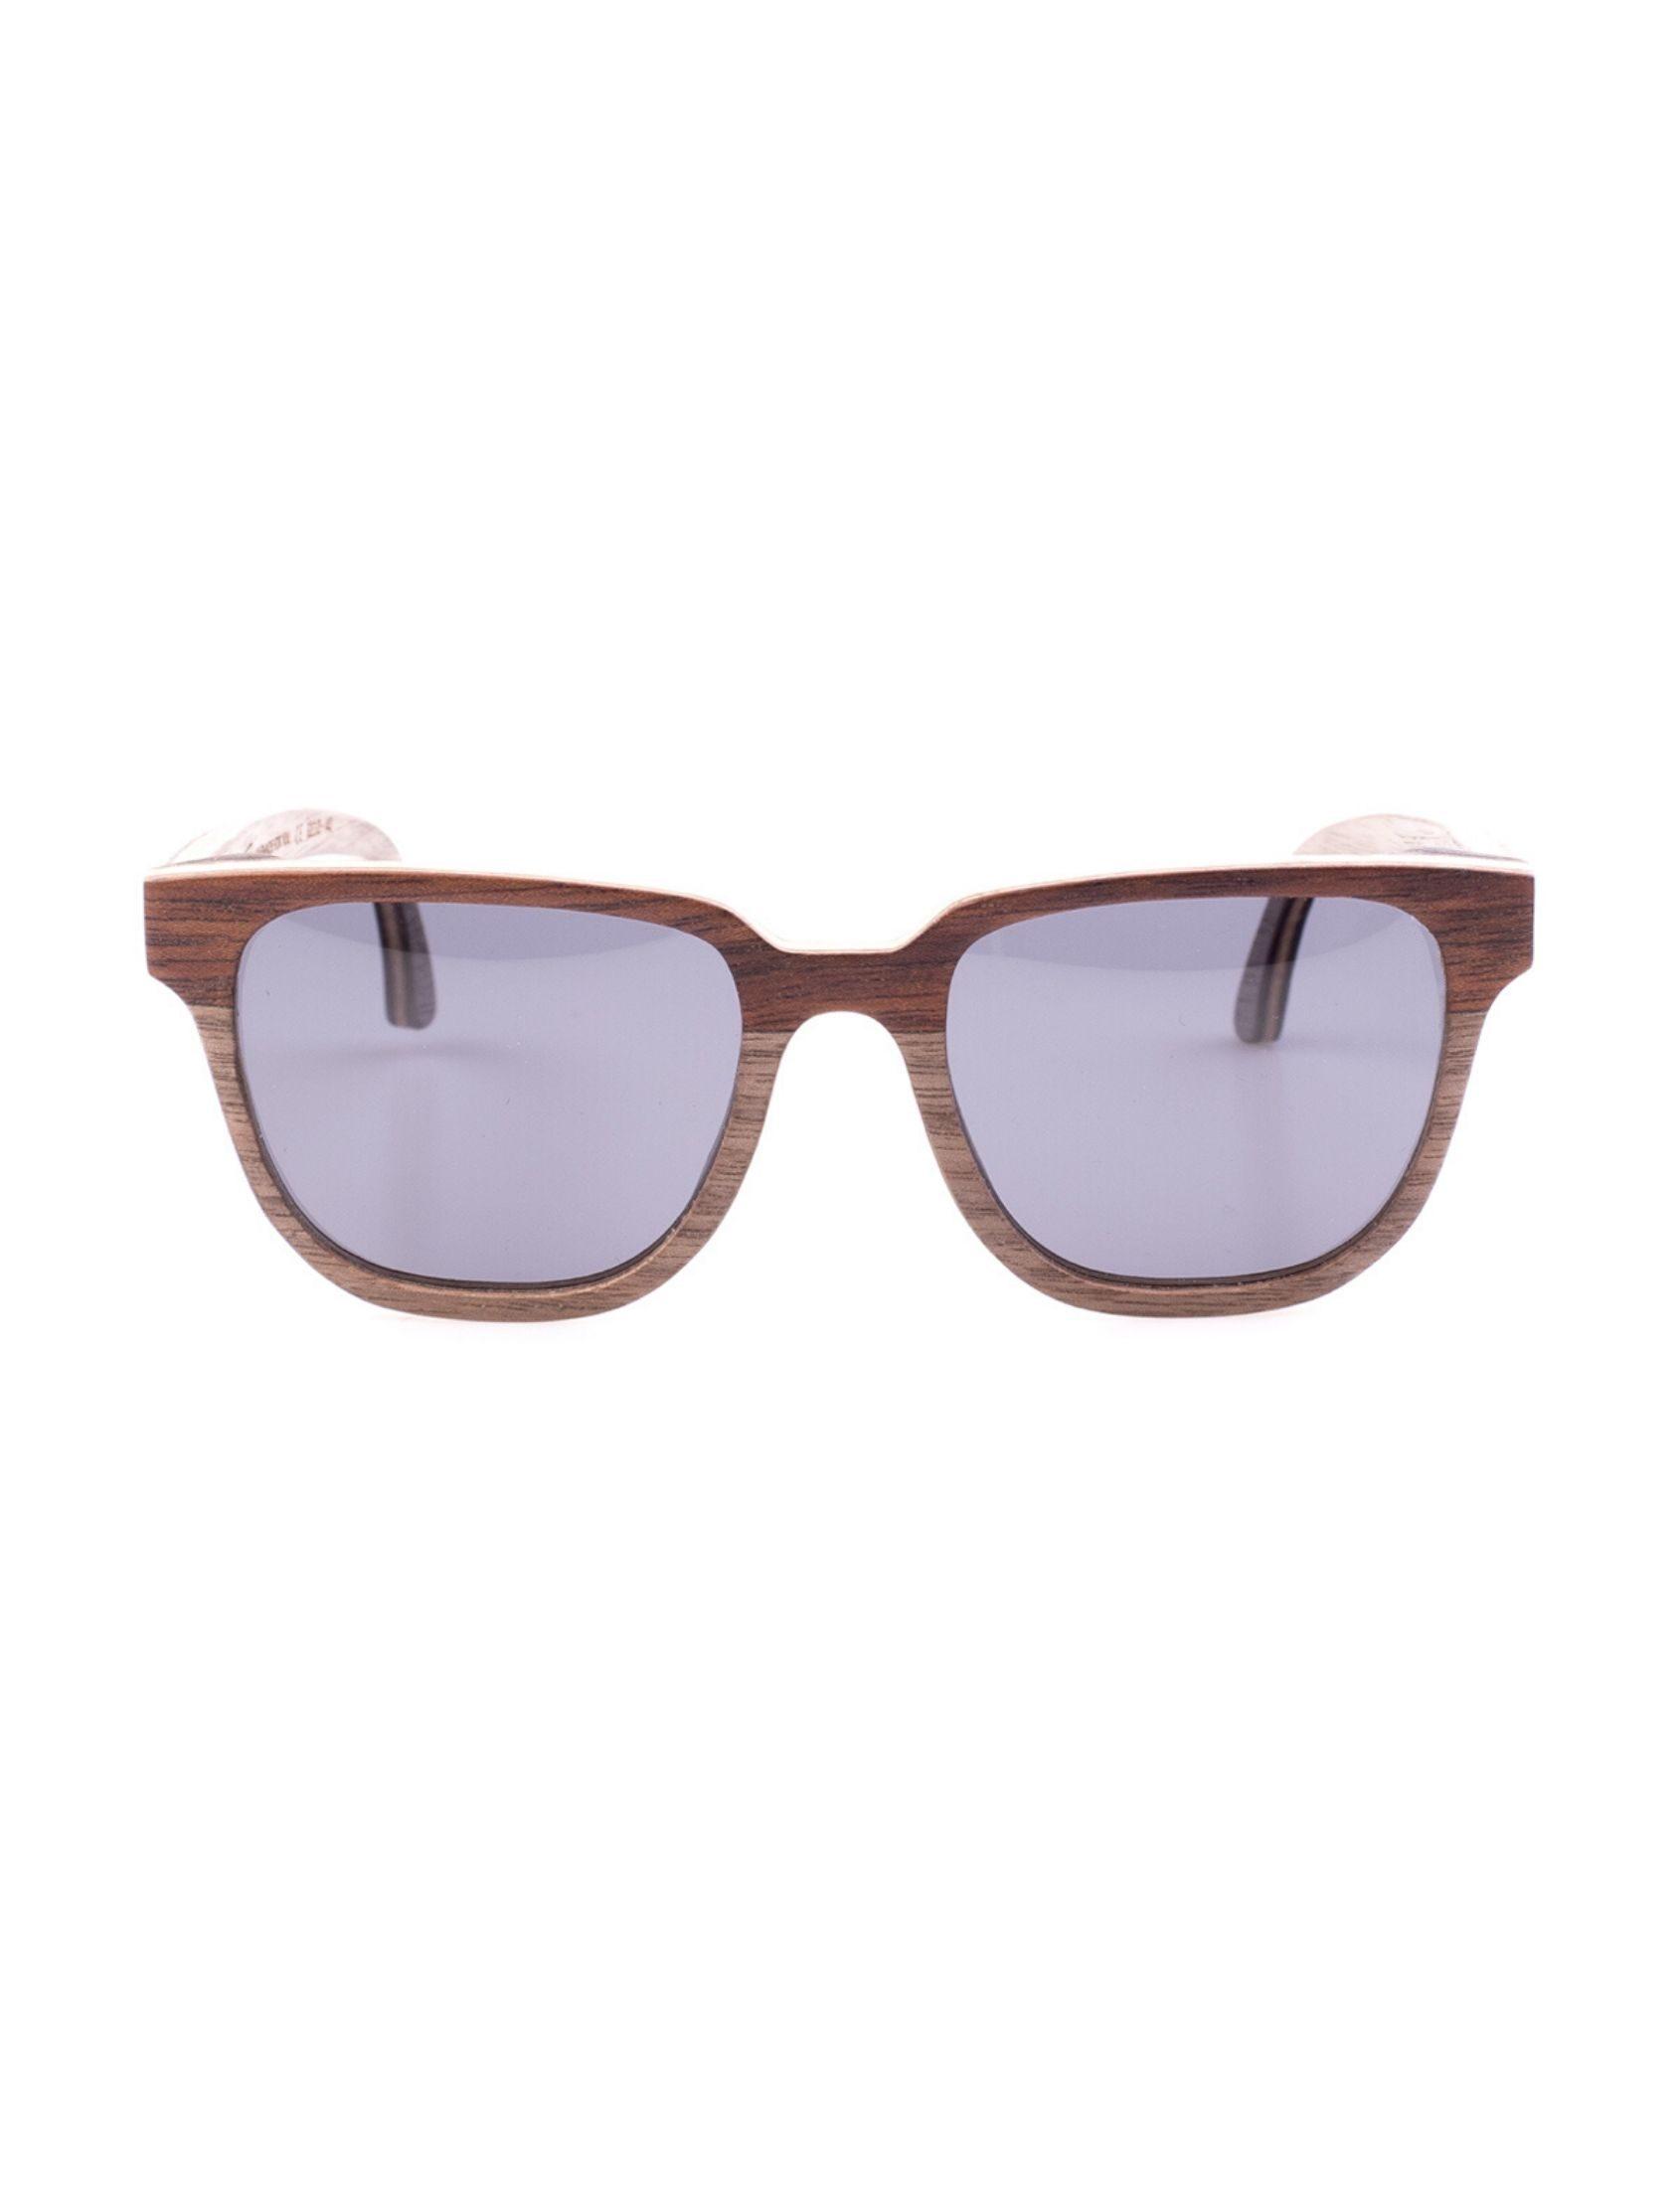 gafas kaia terra con montura de madera de IXi wood